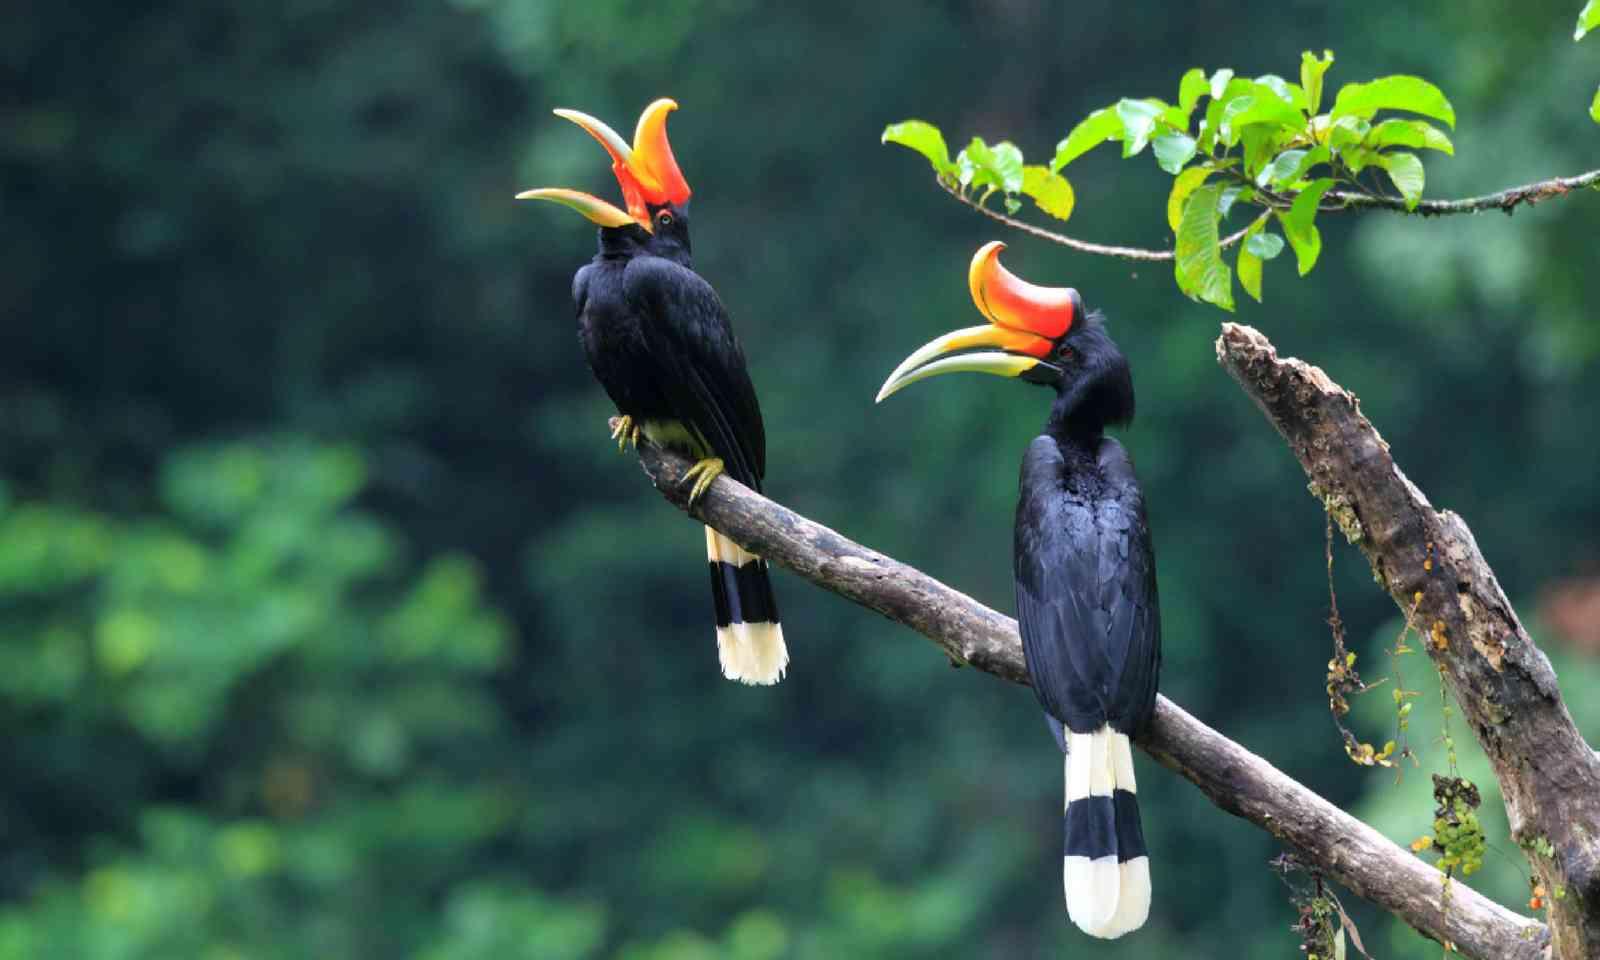 Rhinoceros Hornbill in Sumatra, Indonesia (Shutterstock)